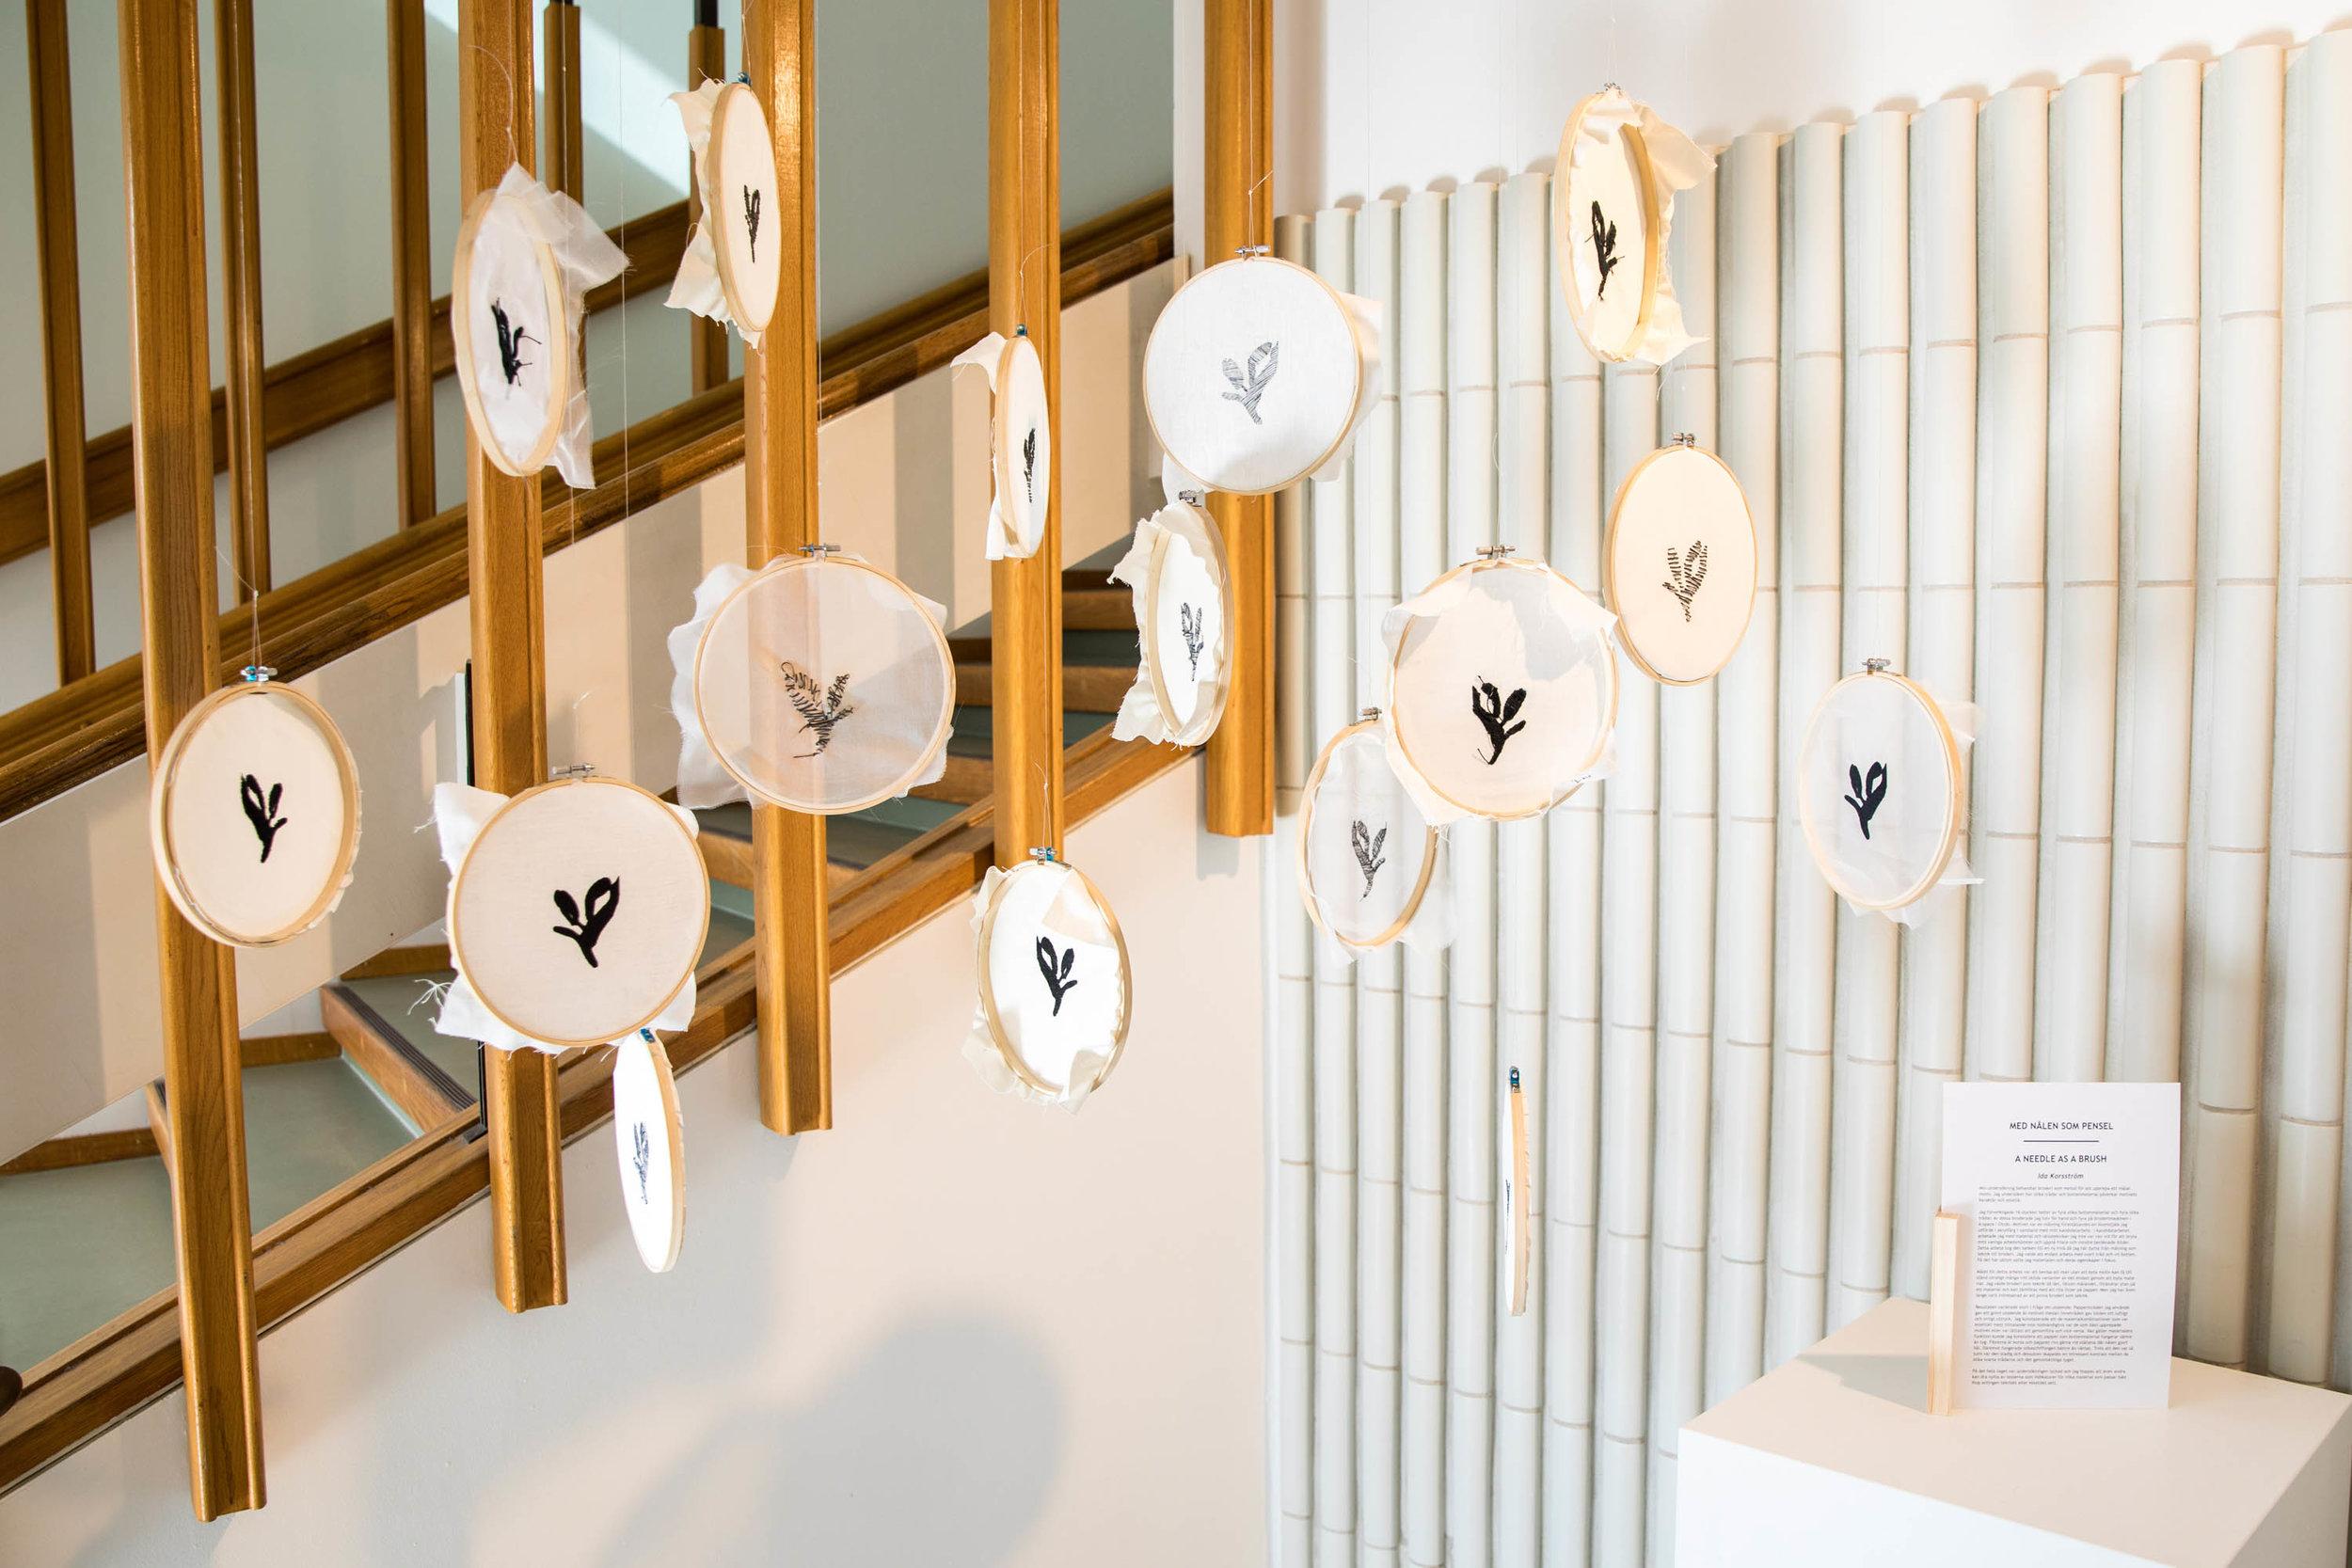 Material Palette // Images: Mikko Raskinen / Aalto University